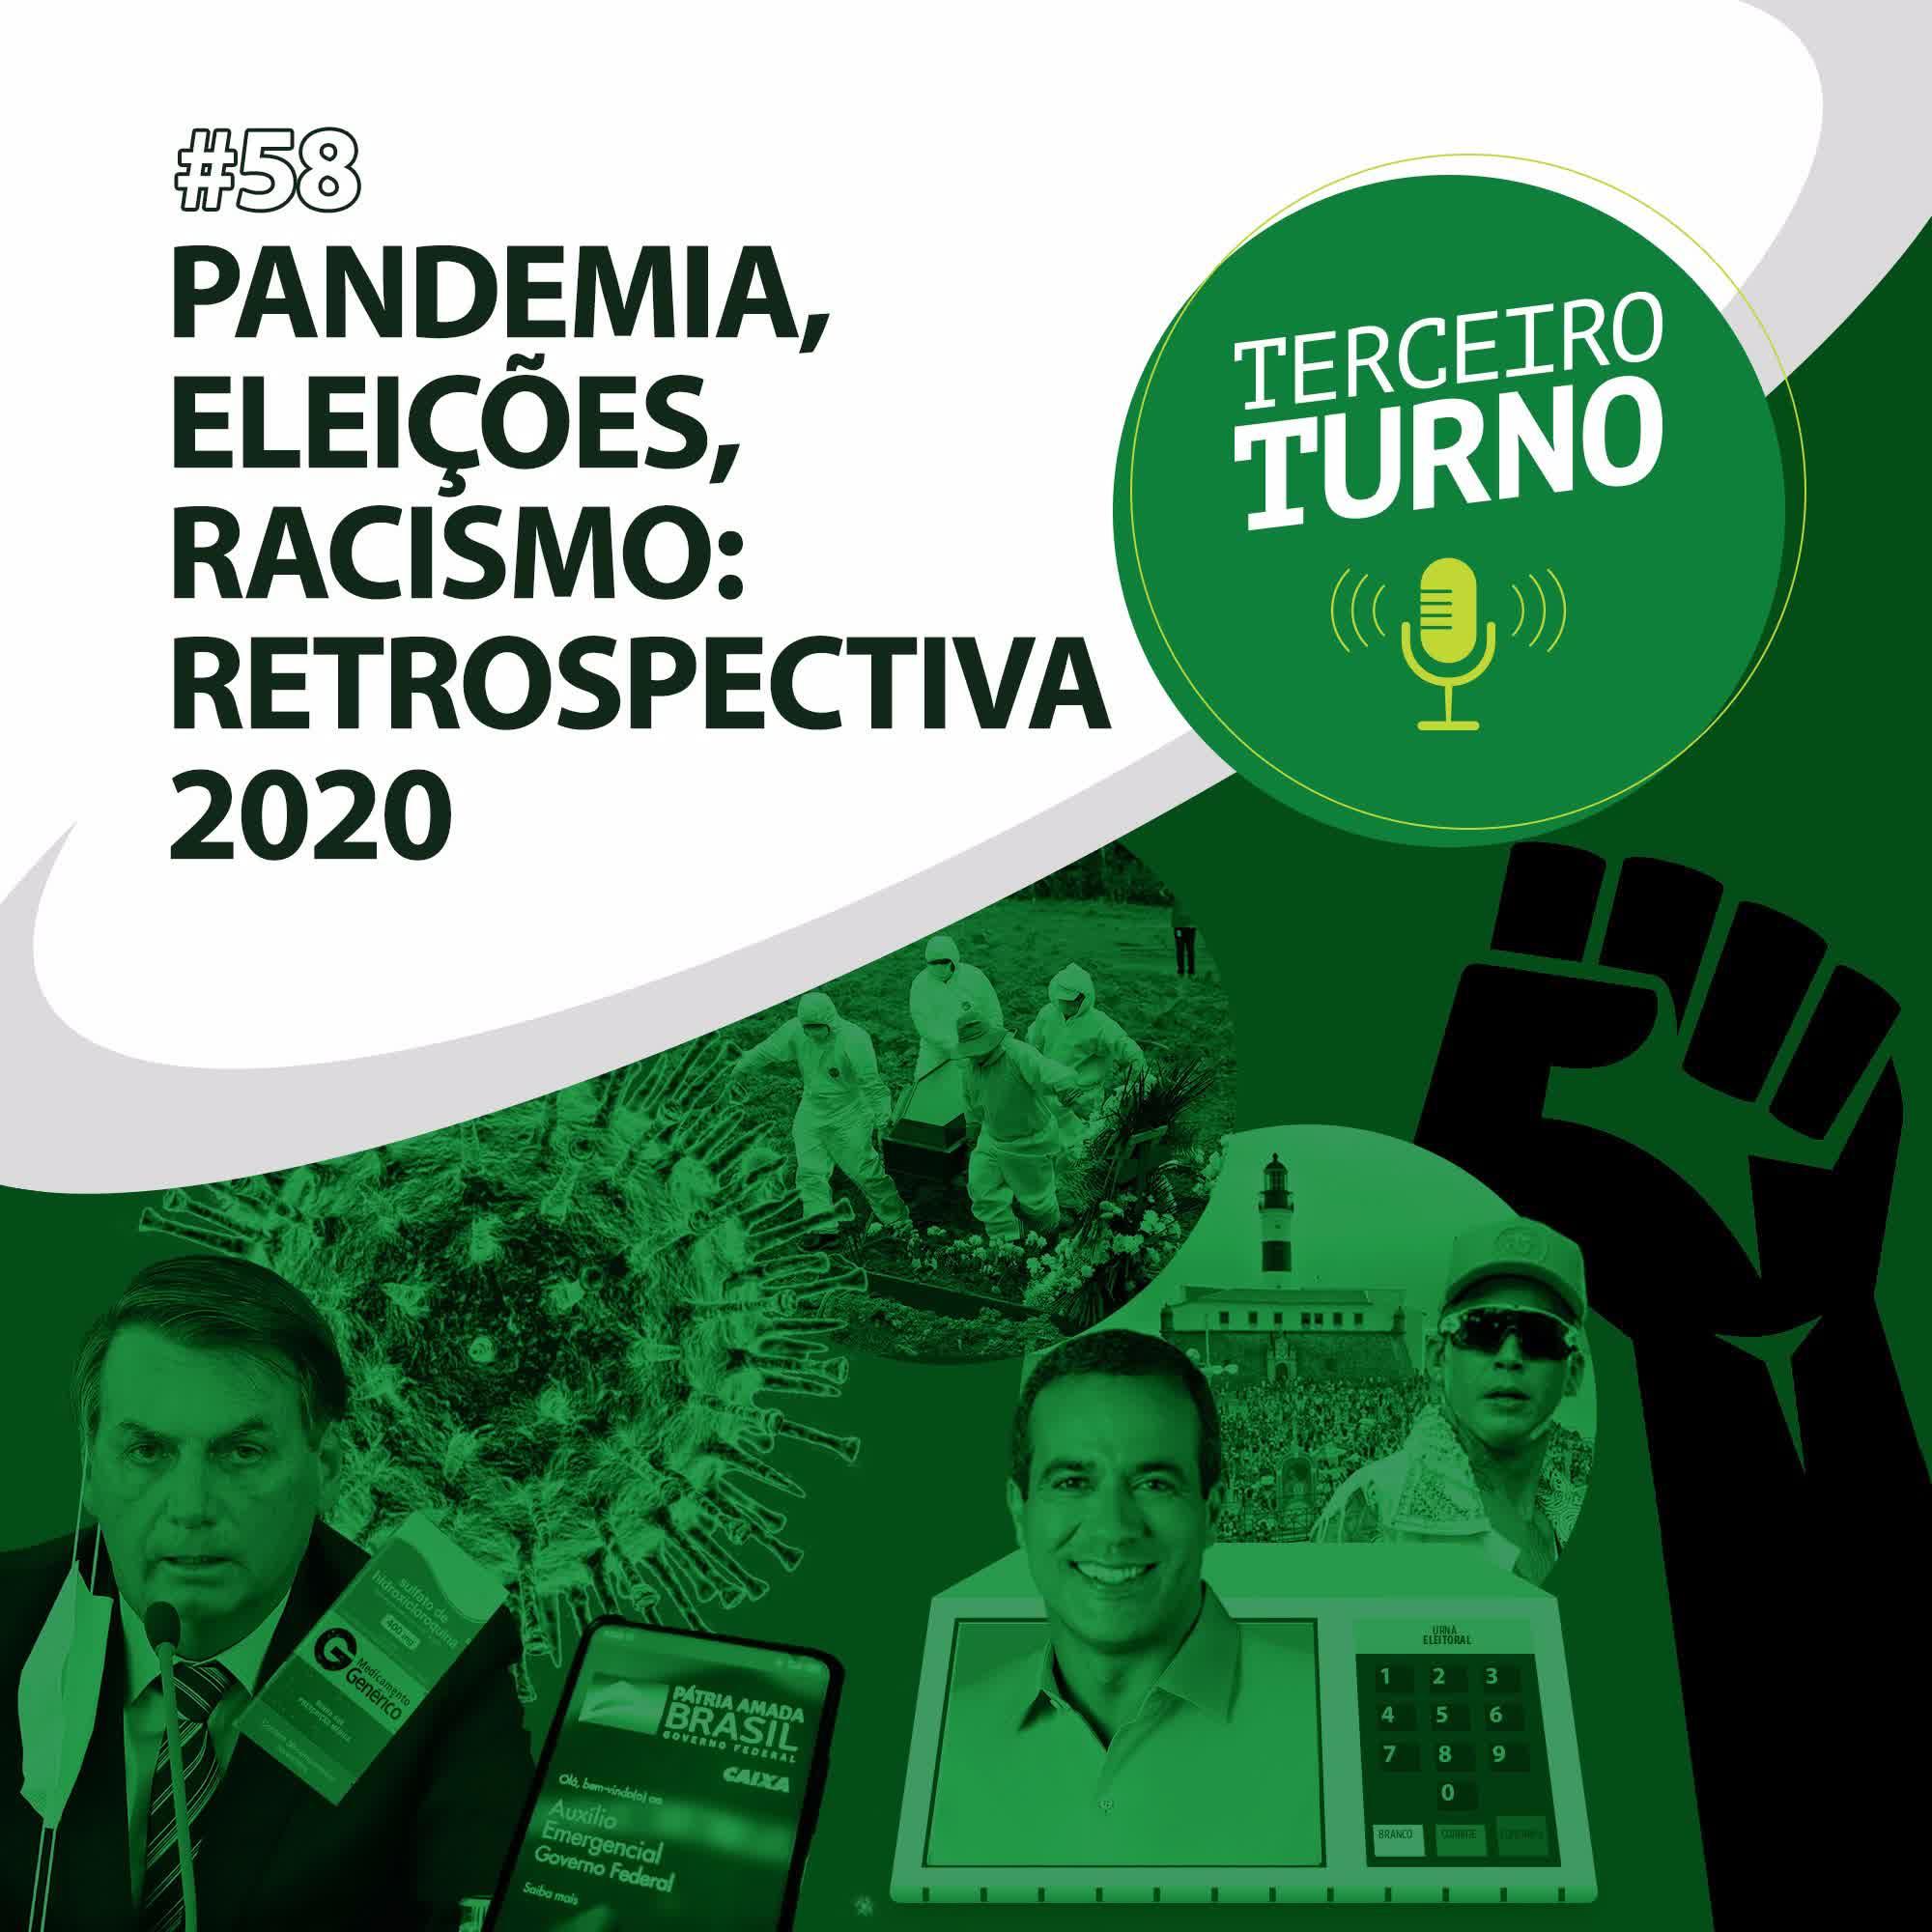 Terceiro Turno #58: Pandemia, eleições, racismo: Retrospectiva 2020